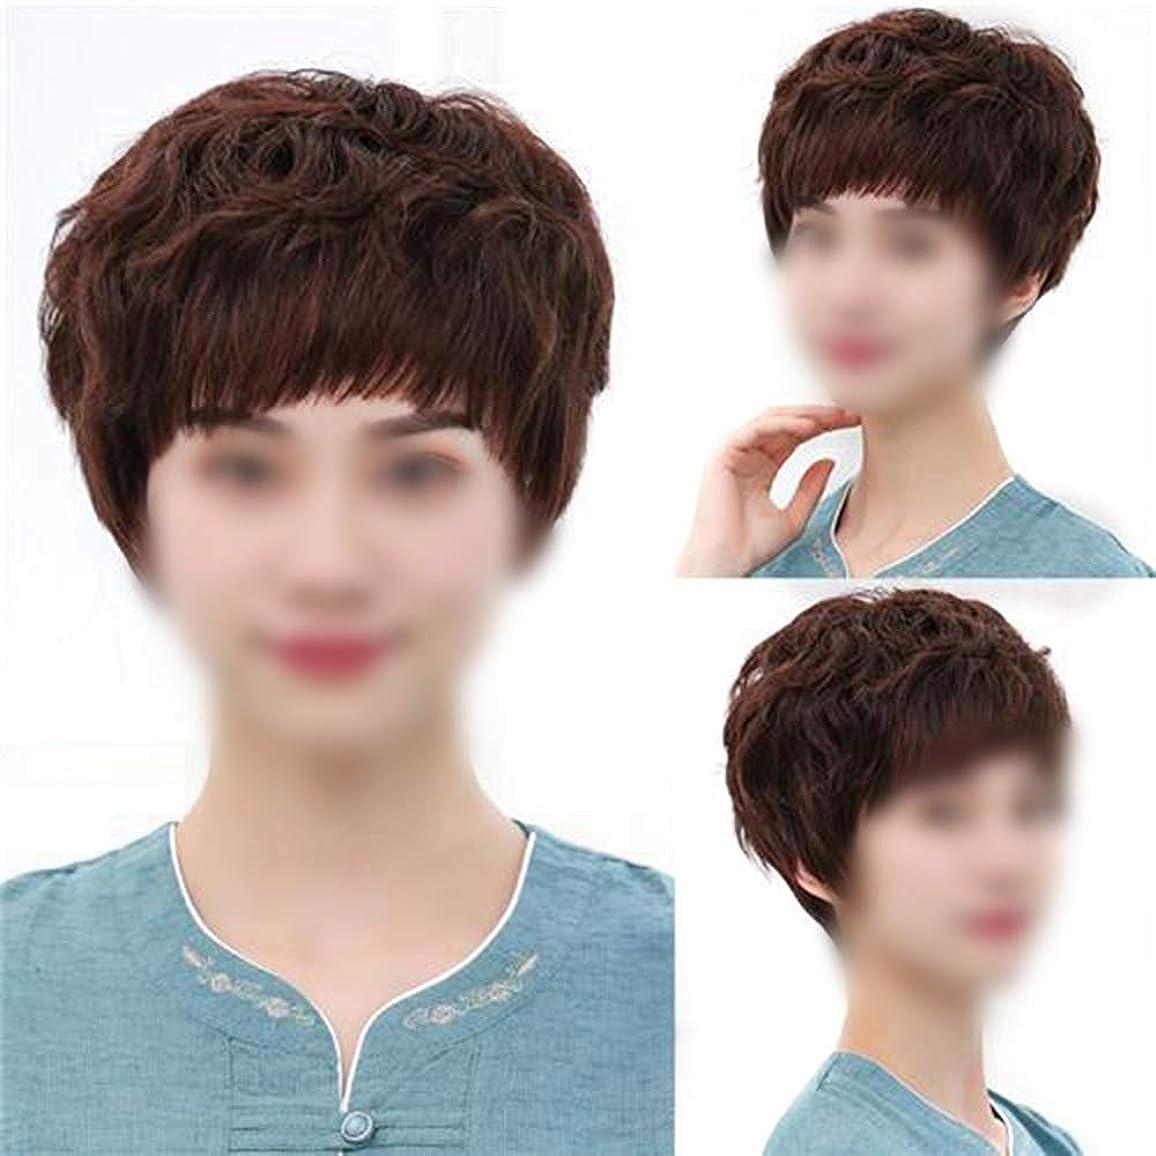 師匠道徳教育アンドリューハリディYrattary 女性の本物の毛髪の完全な手編み細いかつらでショートカーリーヘアー日常的なロールプレイングかつらキャップ (色 : Dark brown)